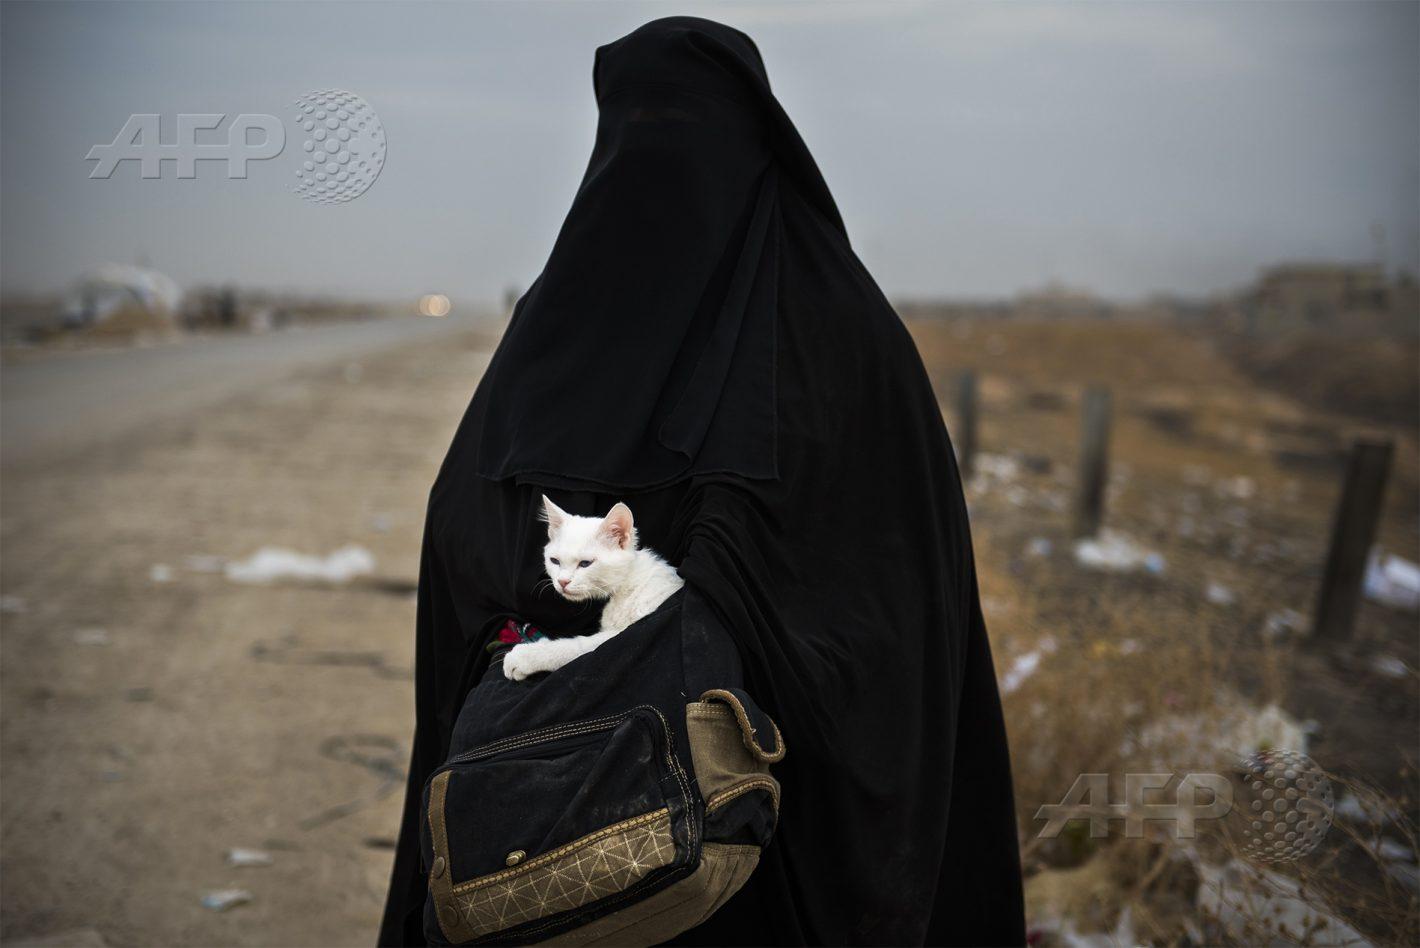 AFP 12 / IRAK 10 novembre 2016 - Shaqouli, Irak - Une Irakienne tient son chat Lulu dans ses bras, alors qu'elle attend une navette à un checkpoint irako-kurde, situé à 35 km à l'est de Mossoul, après avoir fui son domicile avec ses enfants pour rejoindre le camp d'Arbil. AFP / ODD ANDERSEN